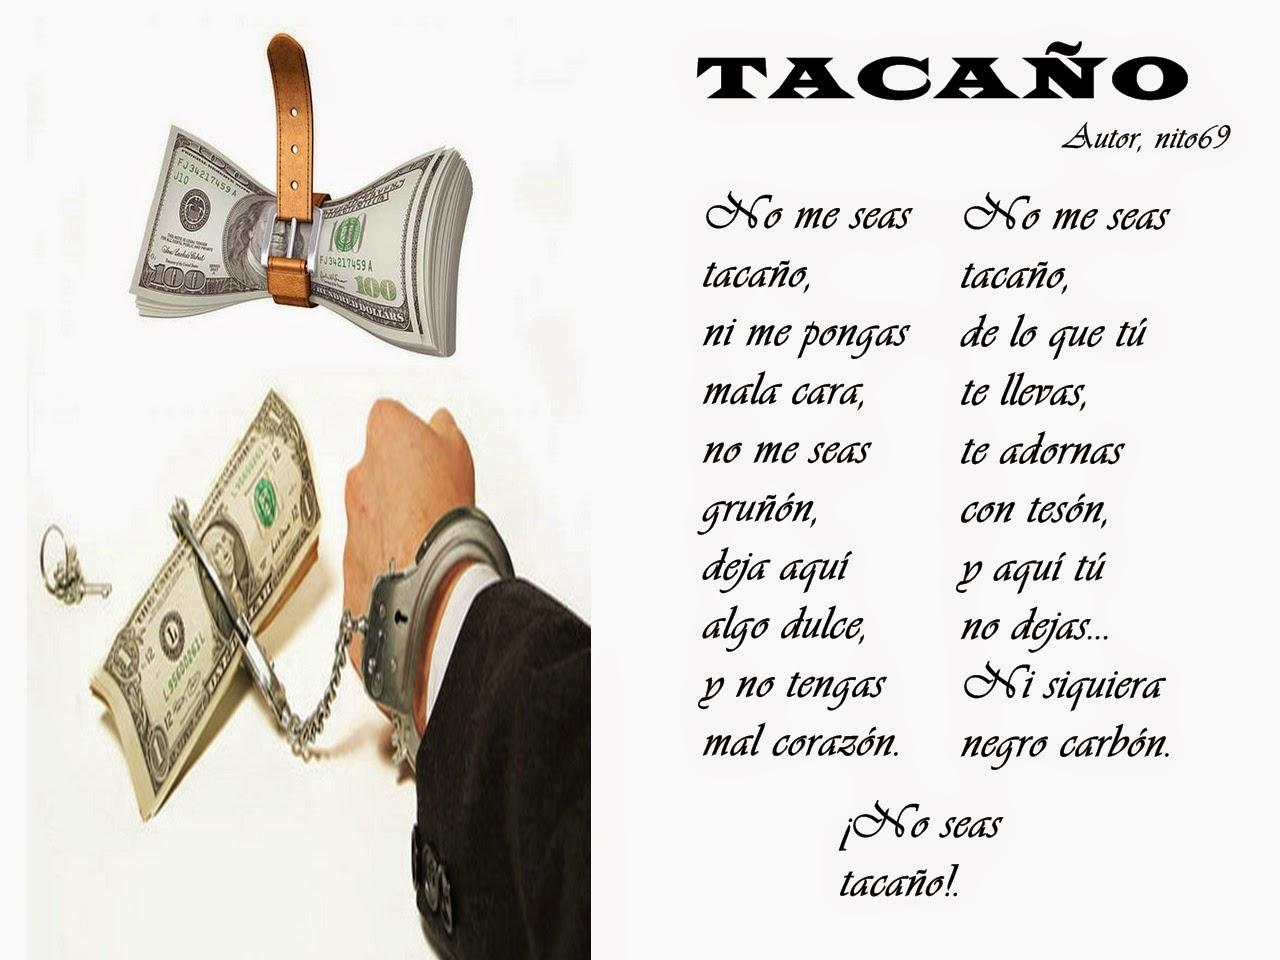 TACAÑO